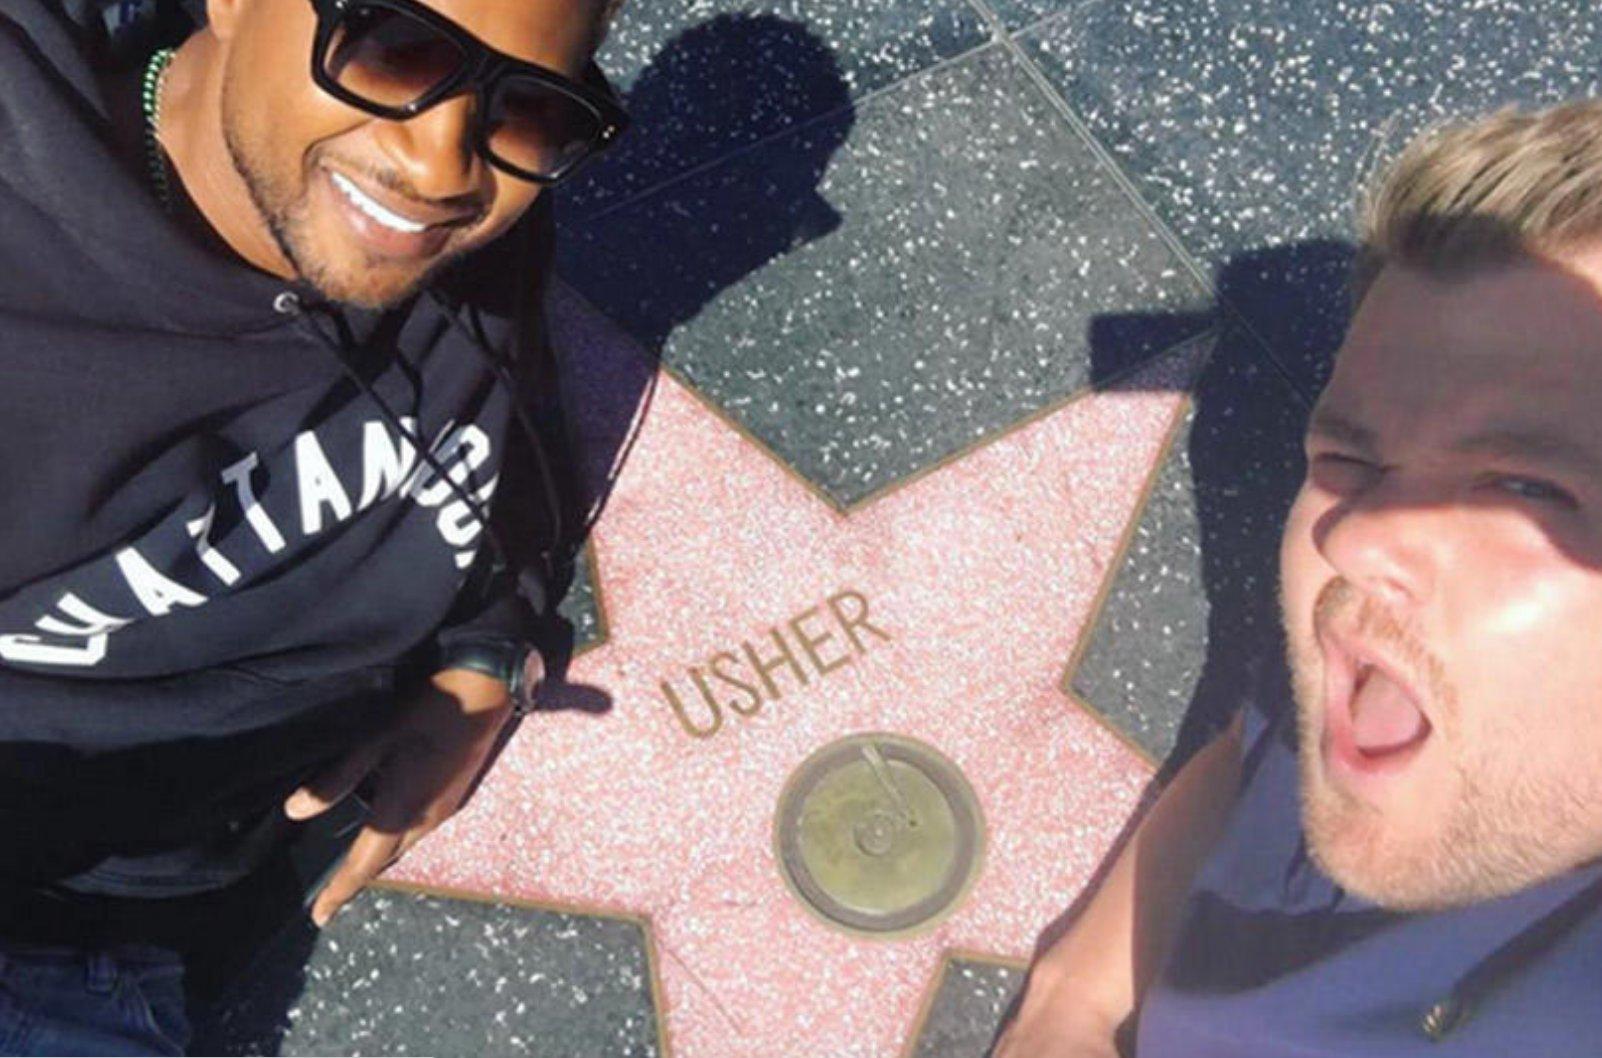 Usher's Carpool Karaoke is finally here! https://t.co/3ZAmM6DBBE https://t.co/1pMhYjMXI6